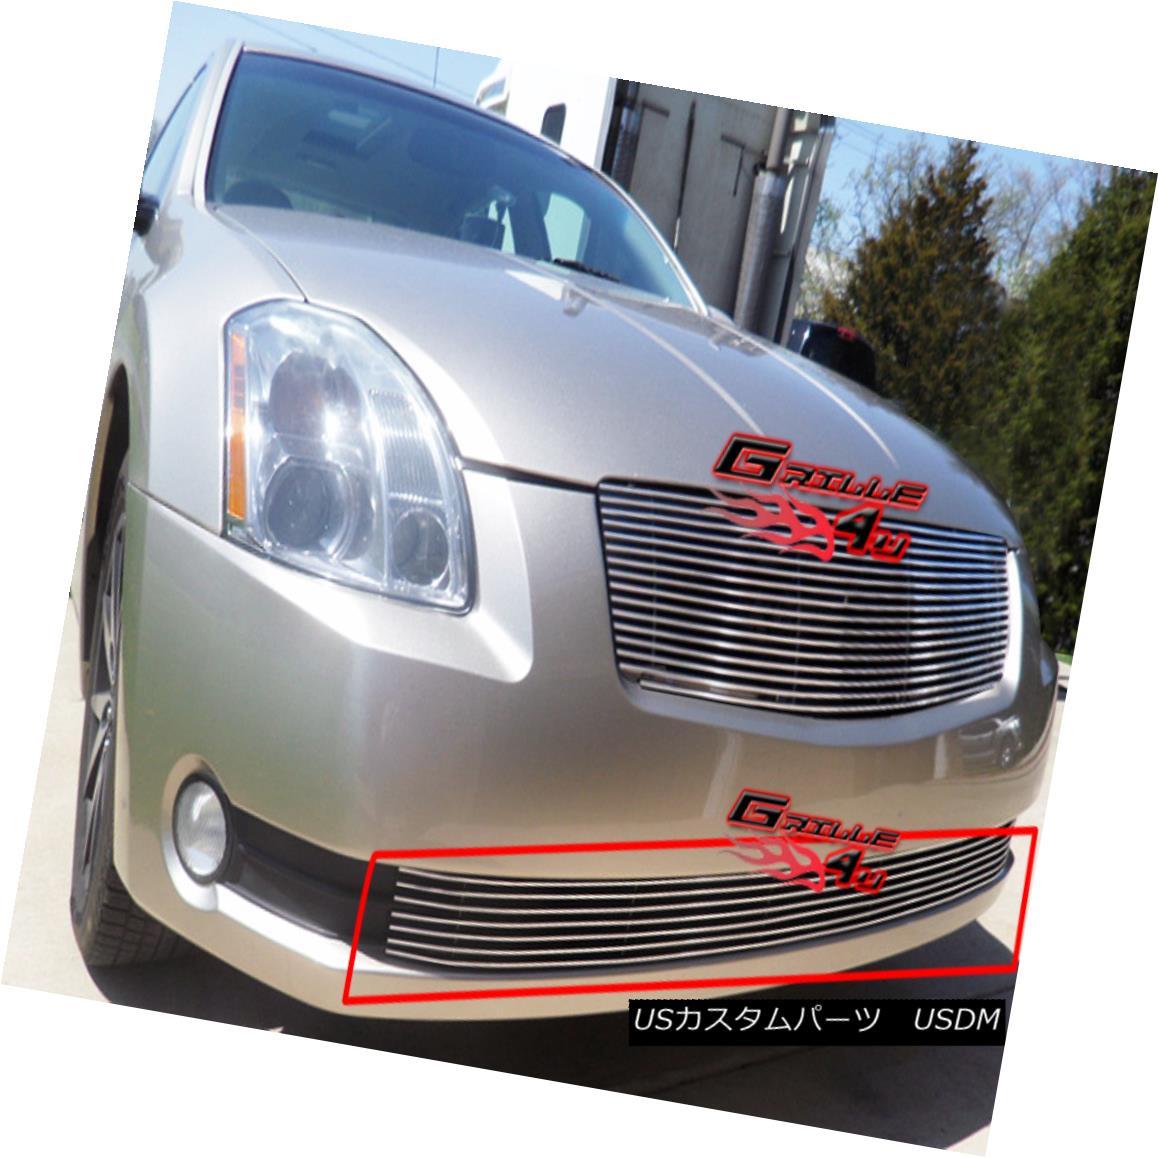 グリル Fits 2004-2006 Nissan Maxima Bumper Billet Grille Insert フィット2004-2006日産マキシマバンパービレットグリルインサート